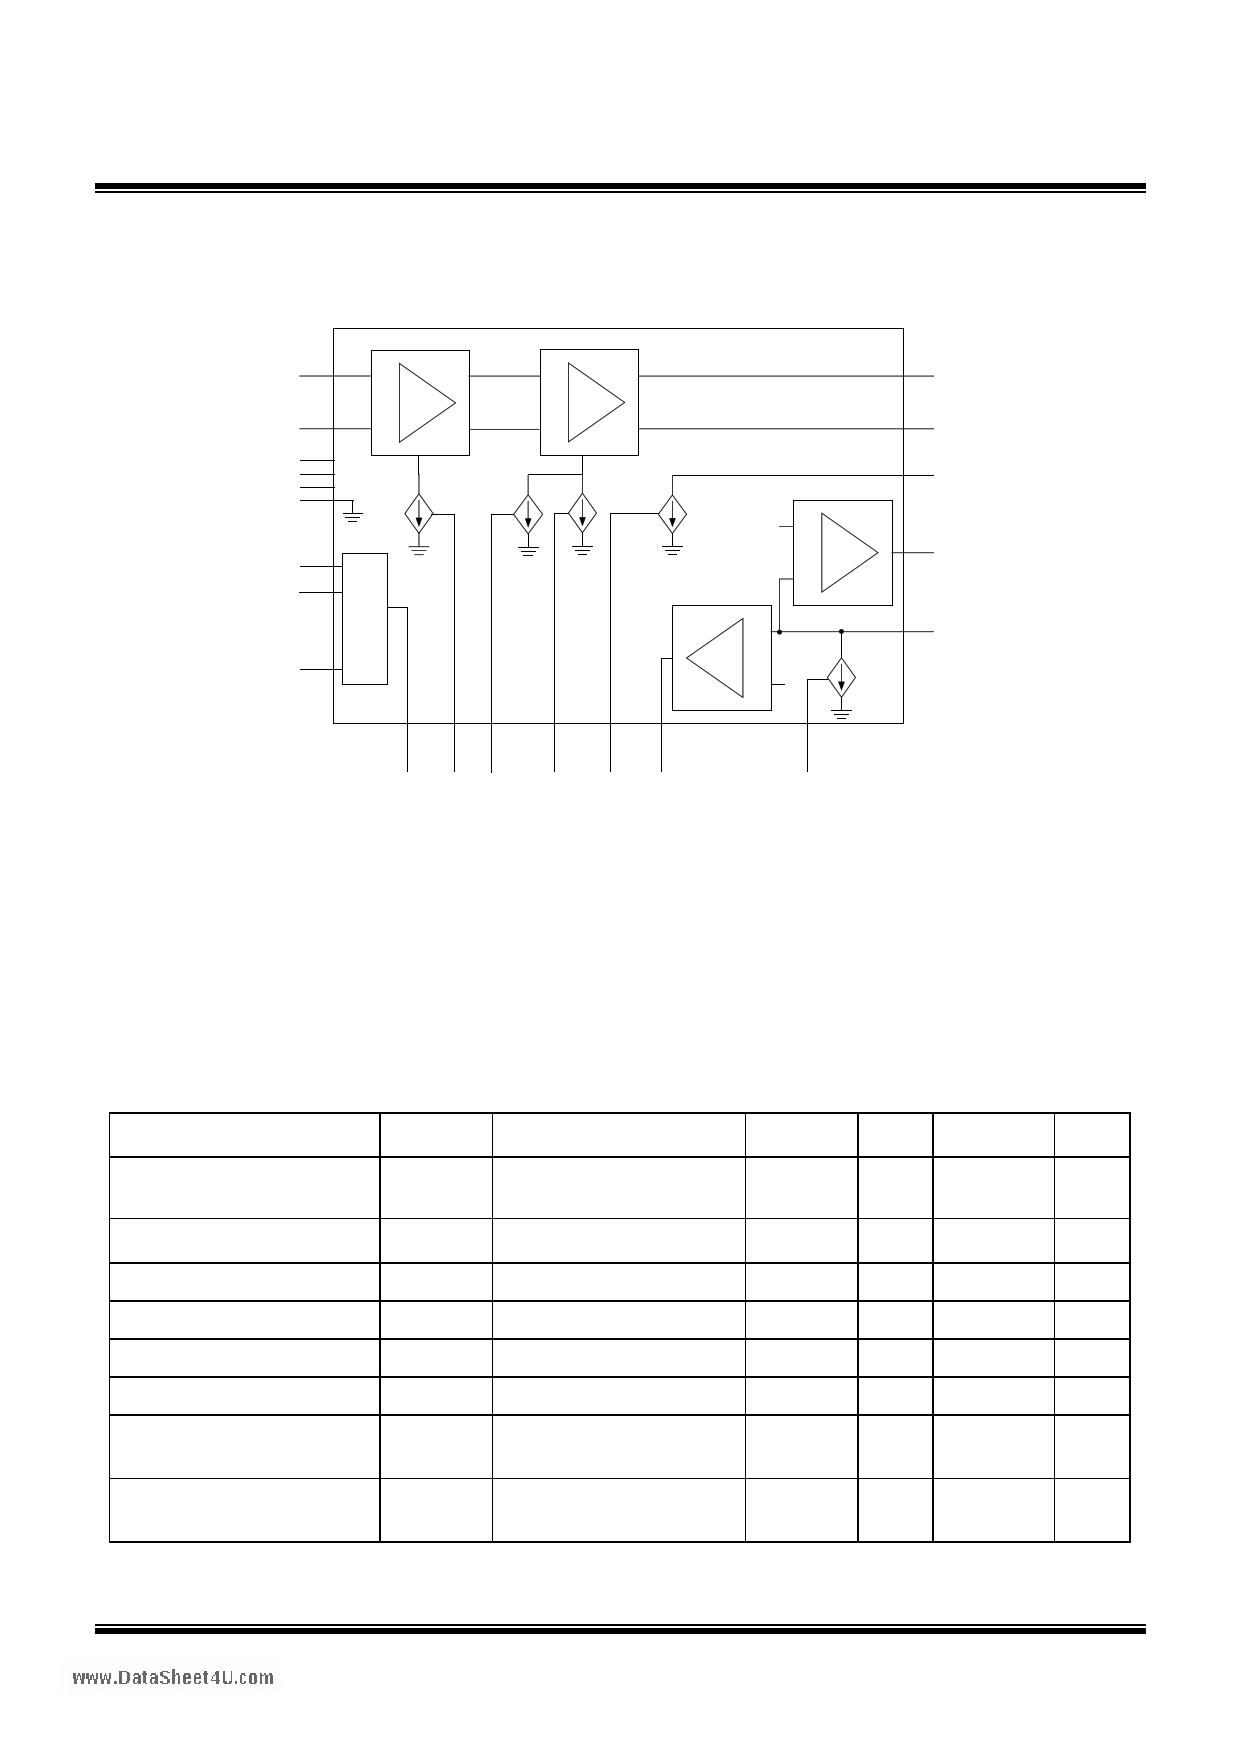 I7032 pdf